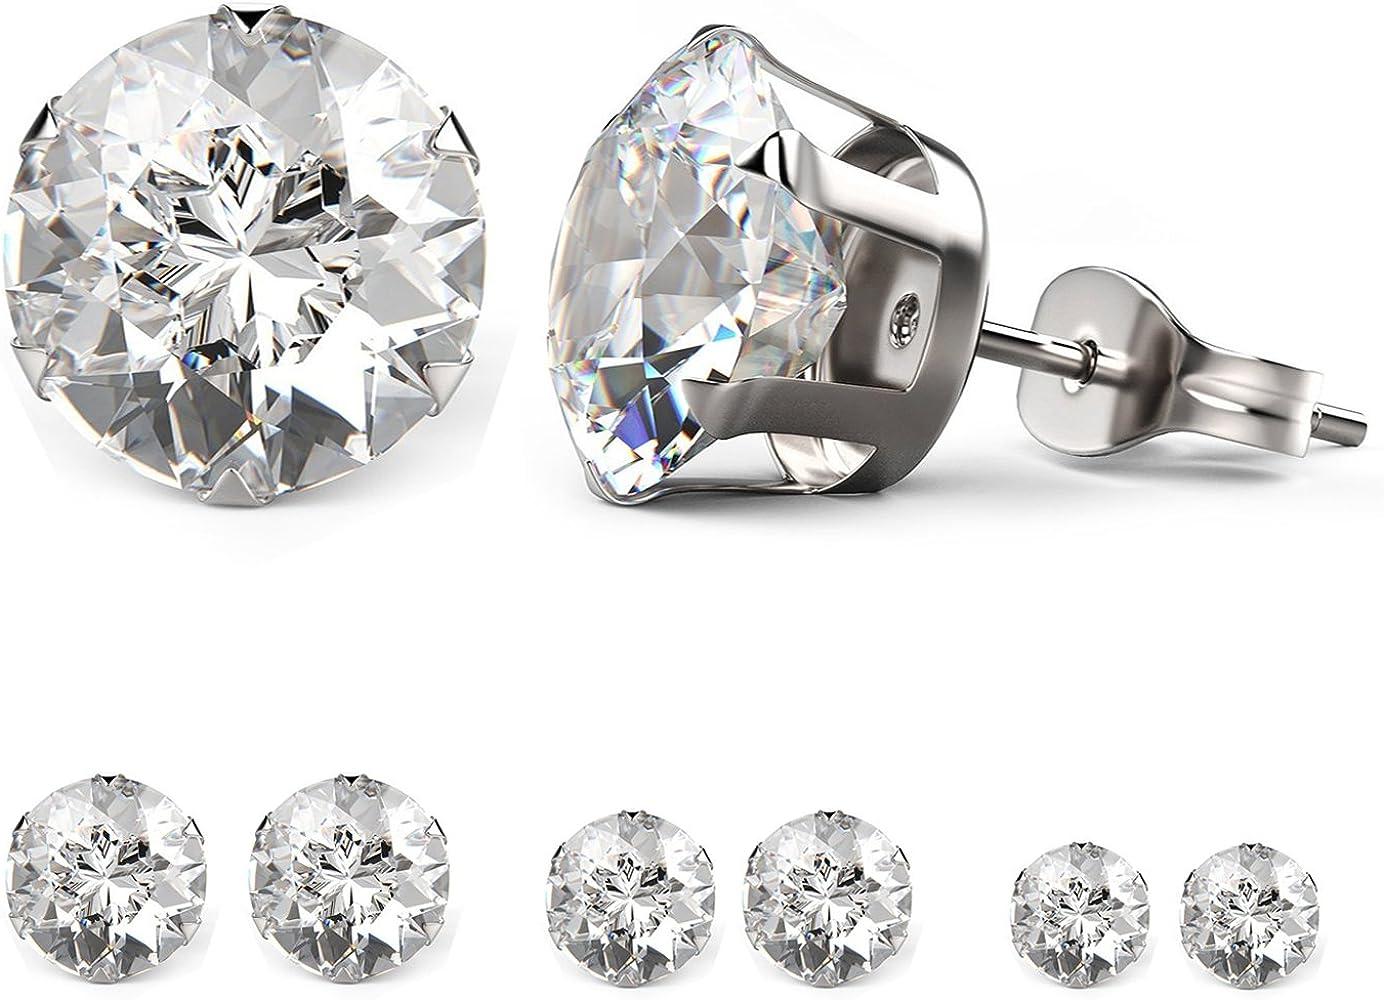 edcf62048 Besjewel Stud Earrings Set 3mm-5mm Hypoallergenic Surgical Stainless Steel  Earings For Women, 6